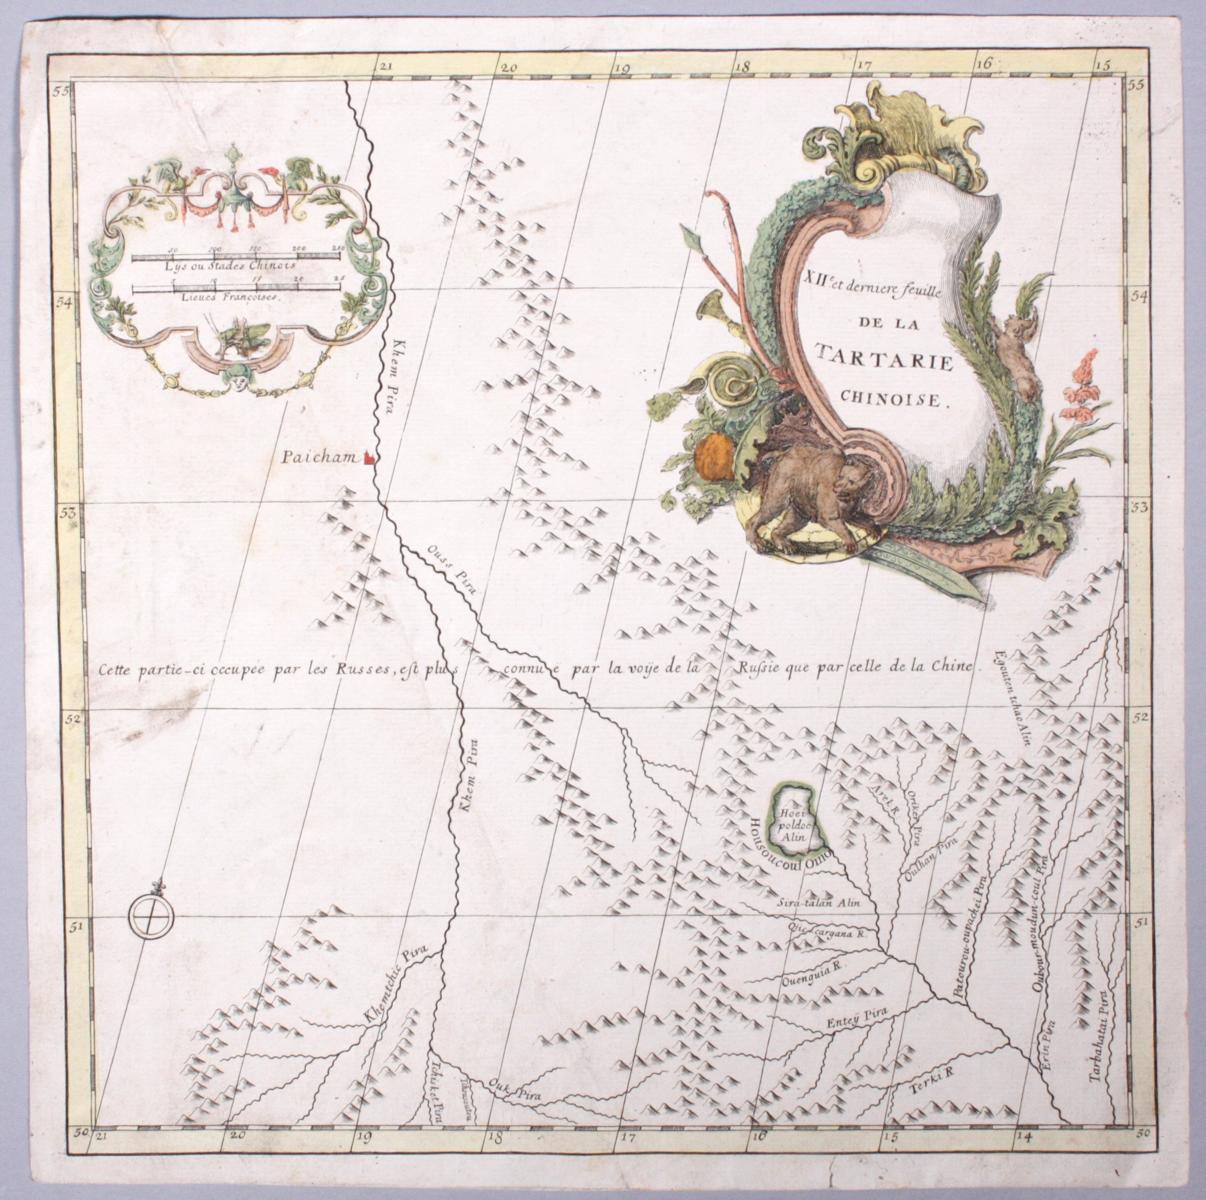 Landkarte China, XII. und letztes Blatt der chinesische Tartarie